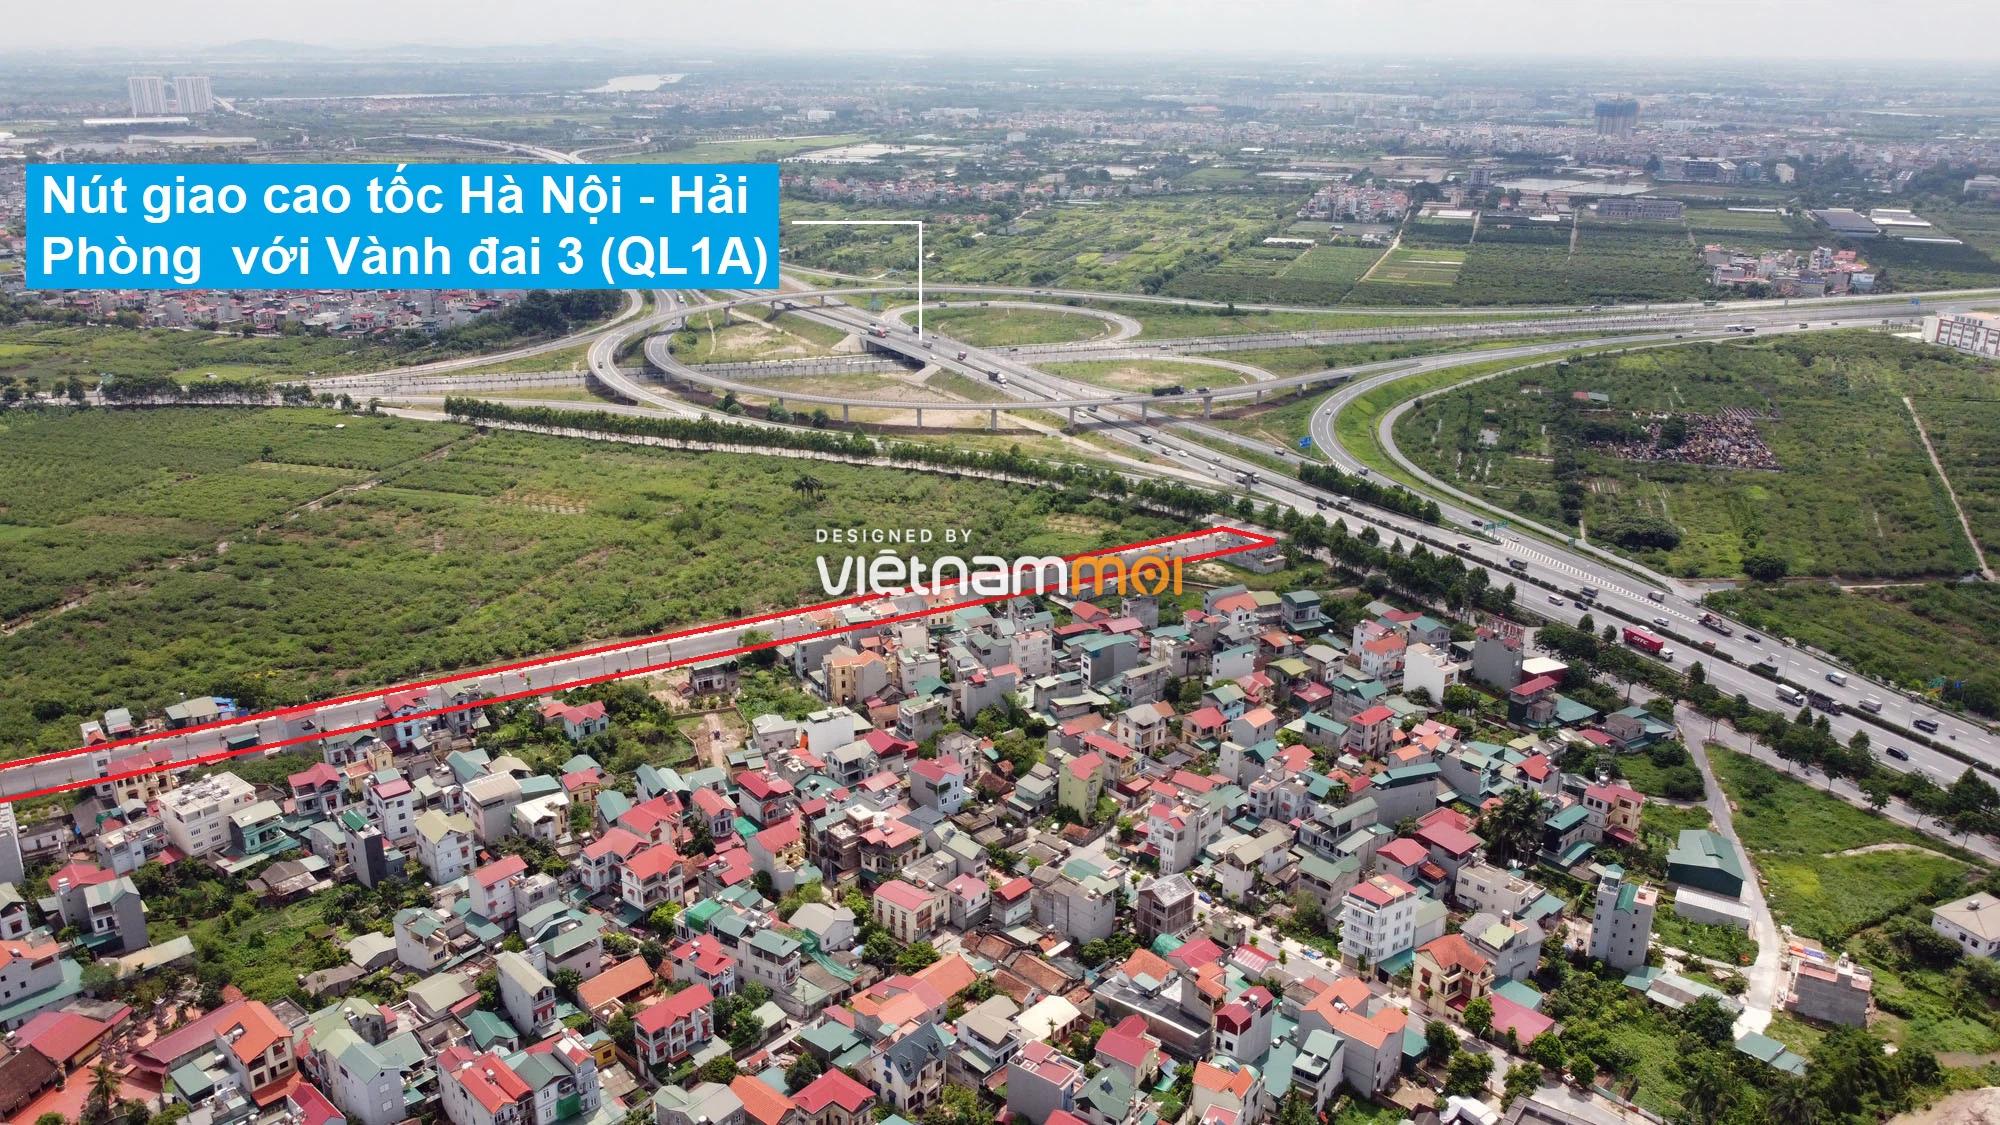 Toàn cảnh đường nối Bát Khối - QL1A đang mở theo quy hoạch ở quận Long Biên, Hà Nội - Ảnh 14.